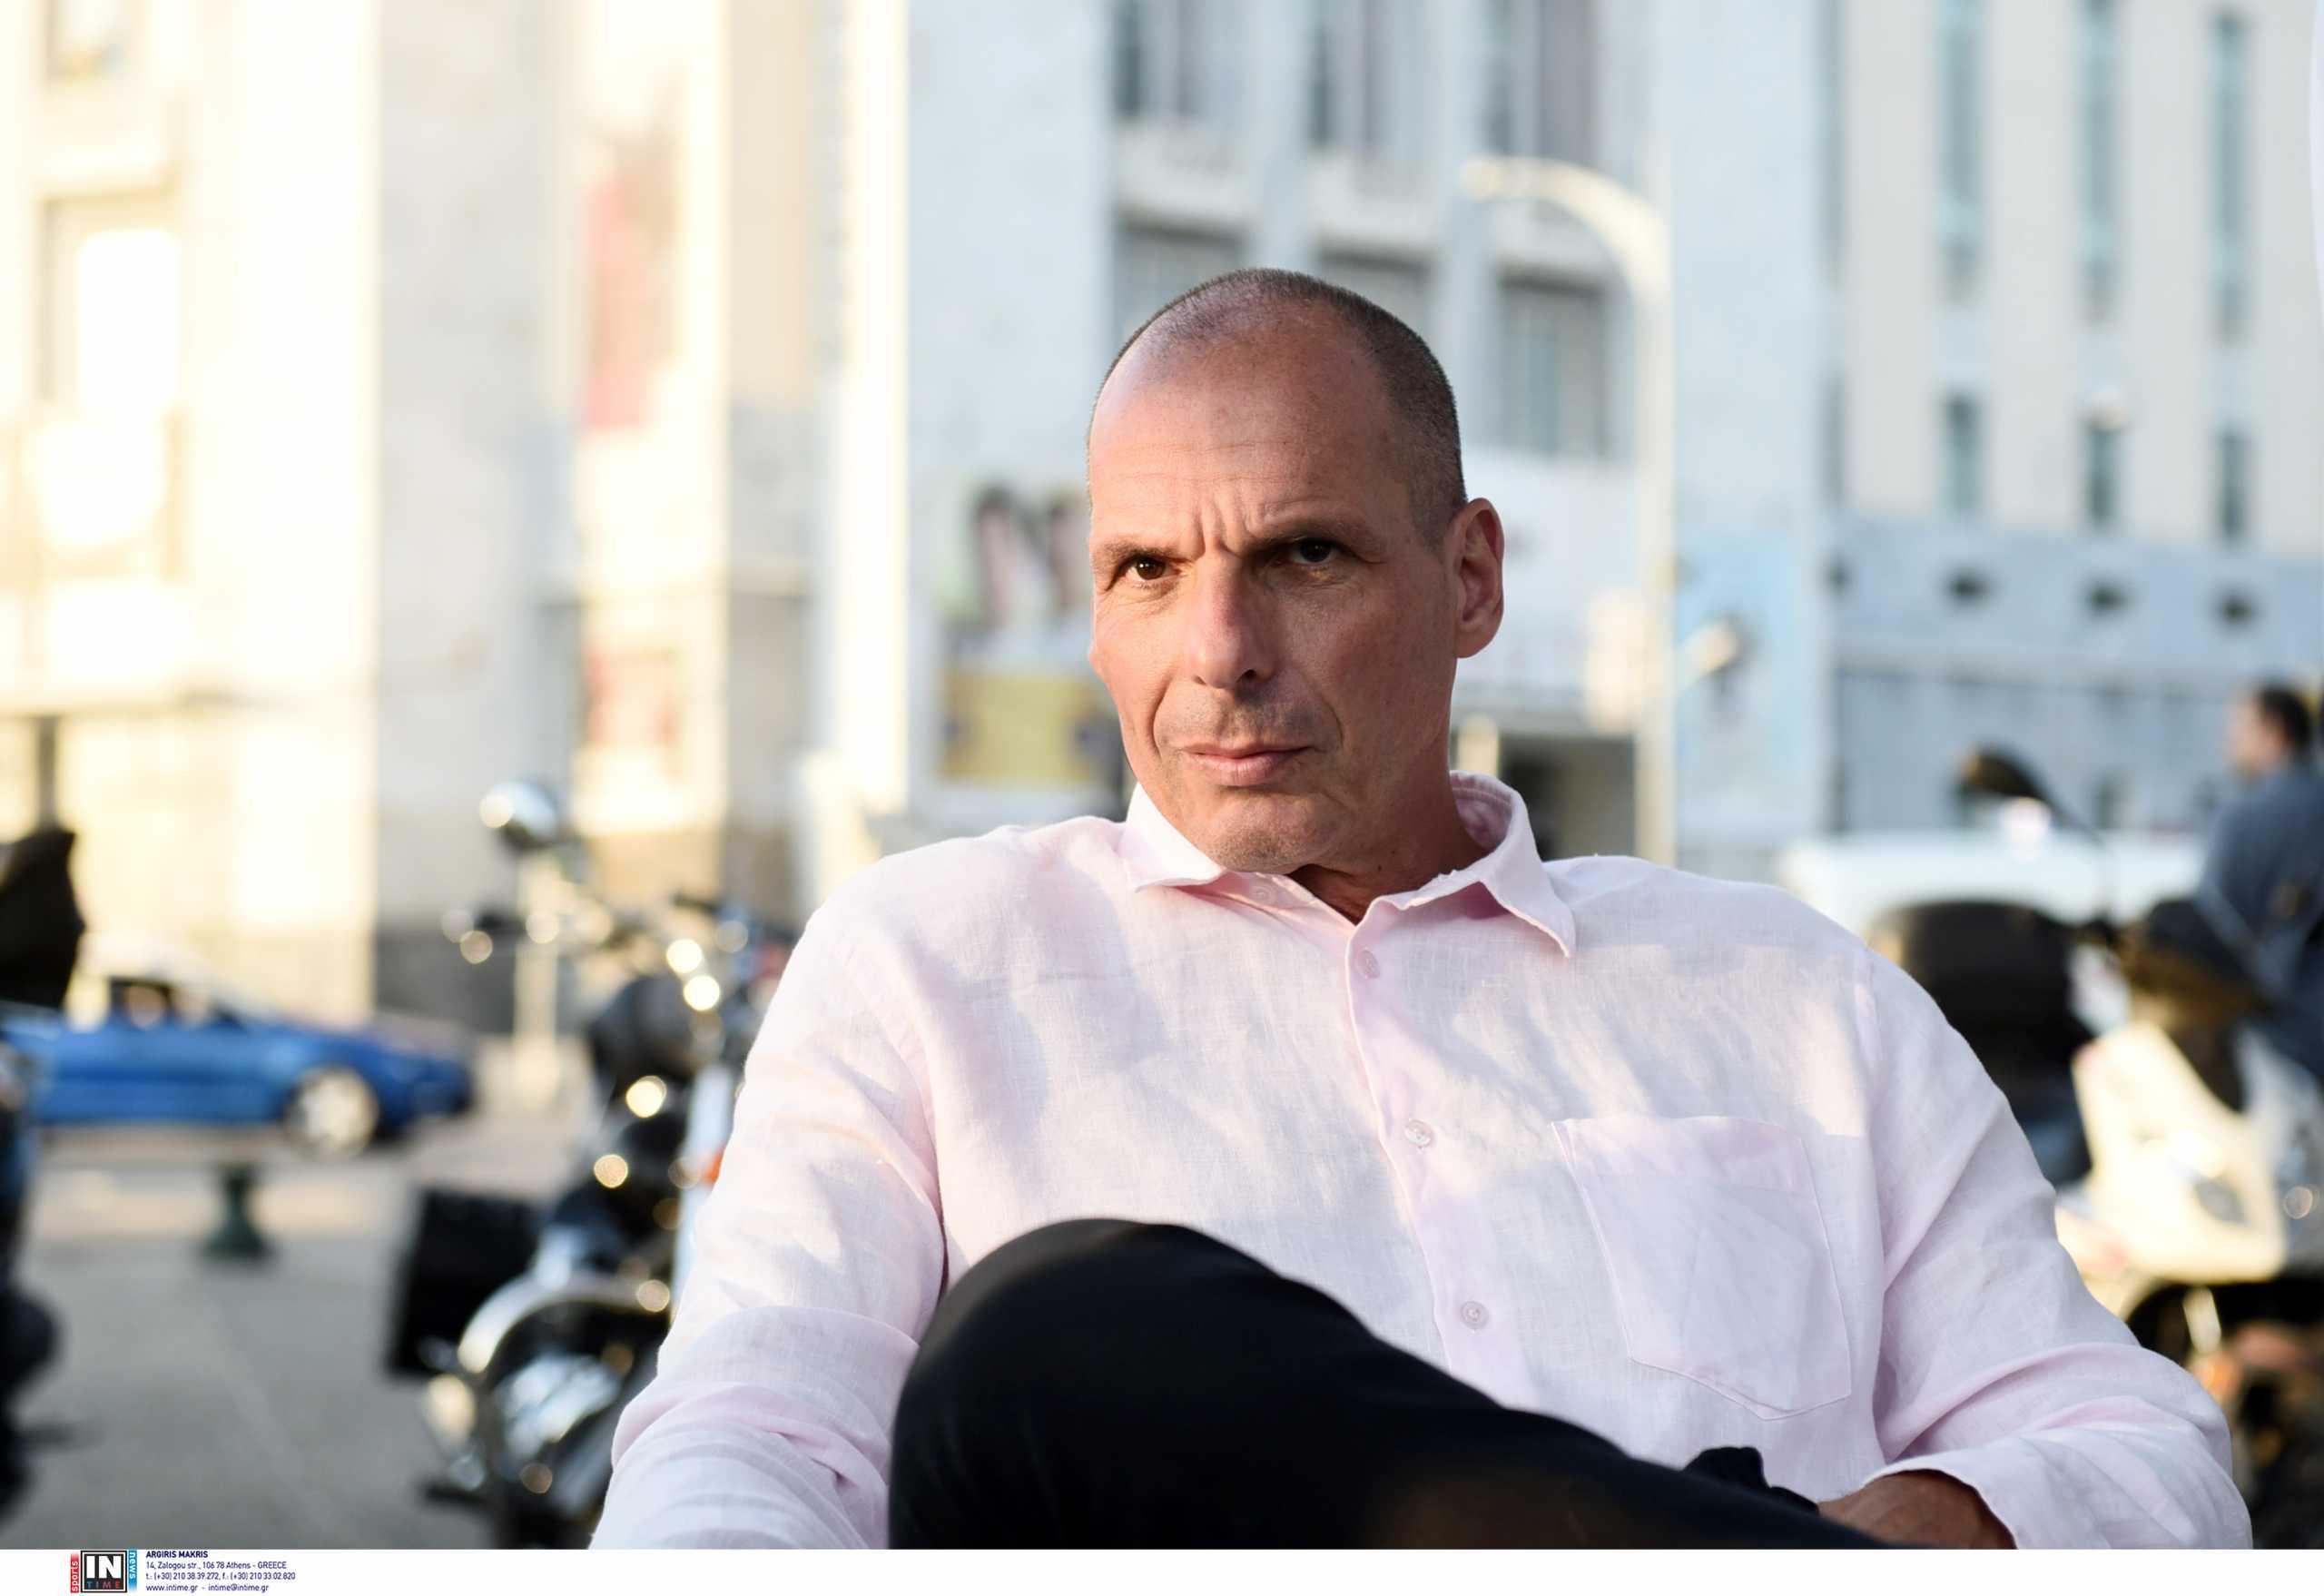 Γιάνης Βαρουφάκης:«Την ώρα που ο τόπος καίγεται το 5ο Μνημόνιο είναι ήδη εδώ»